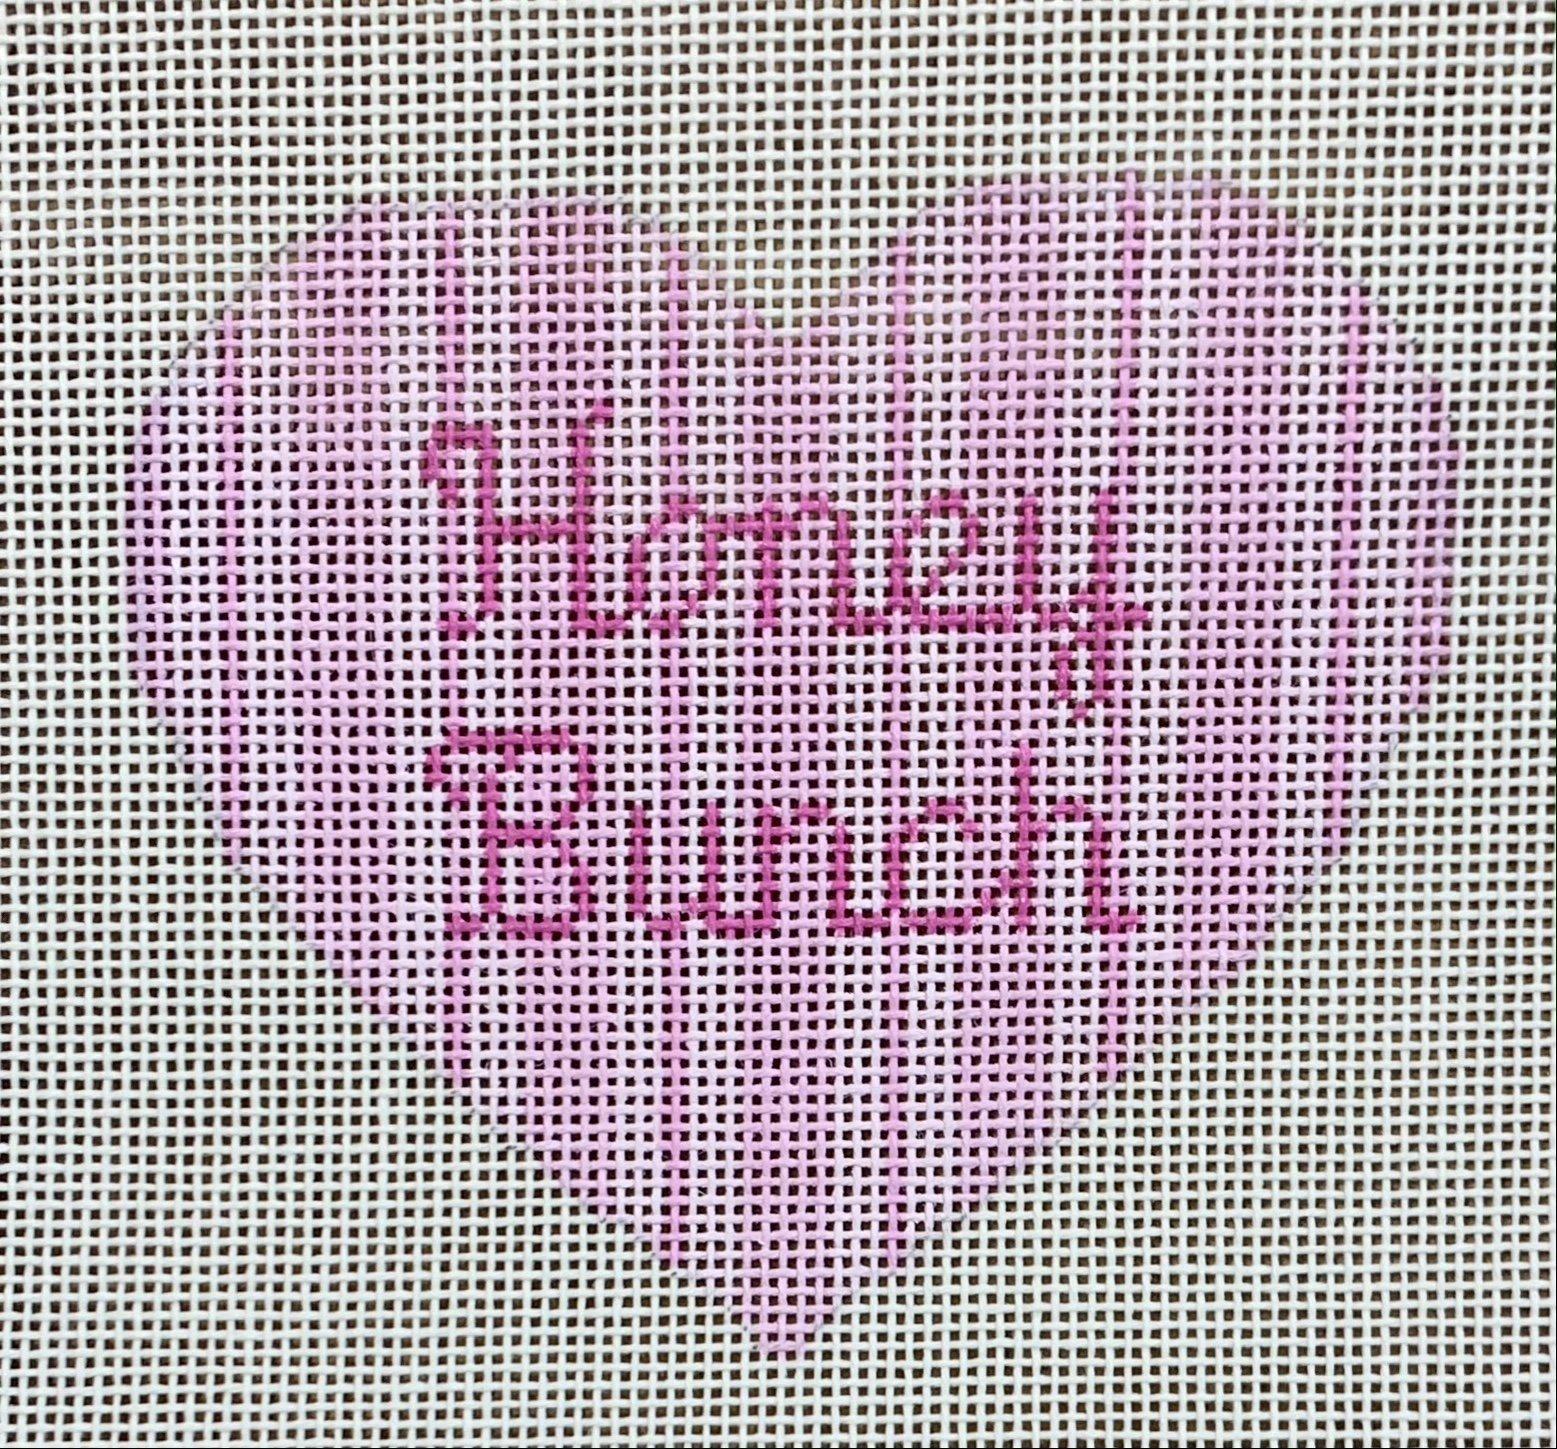 Heart Ornament - Honey Bunch